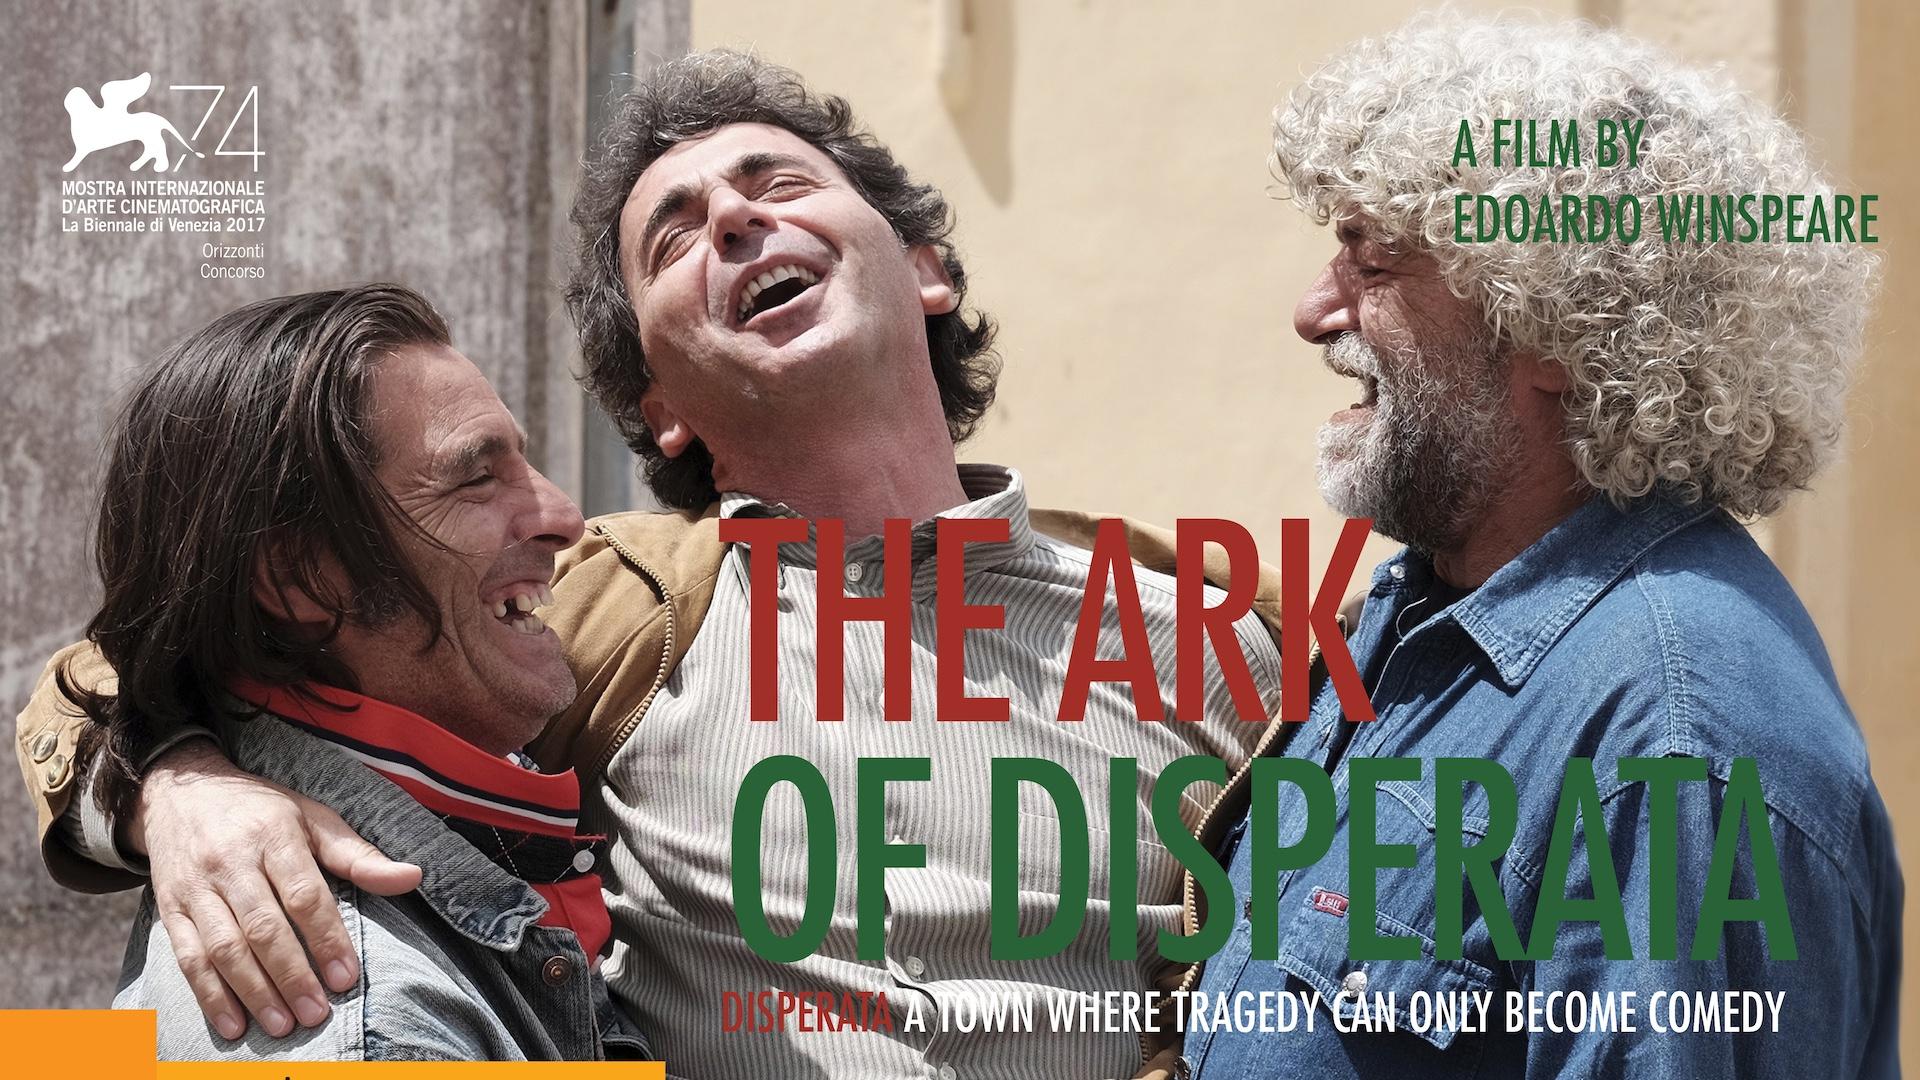 The Ark of Disperata